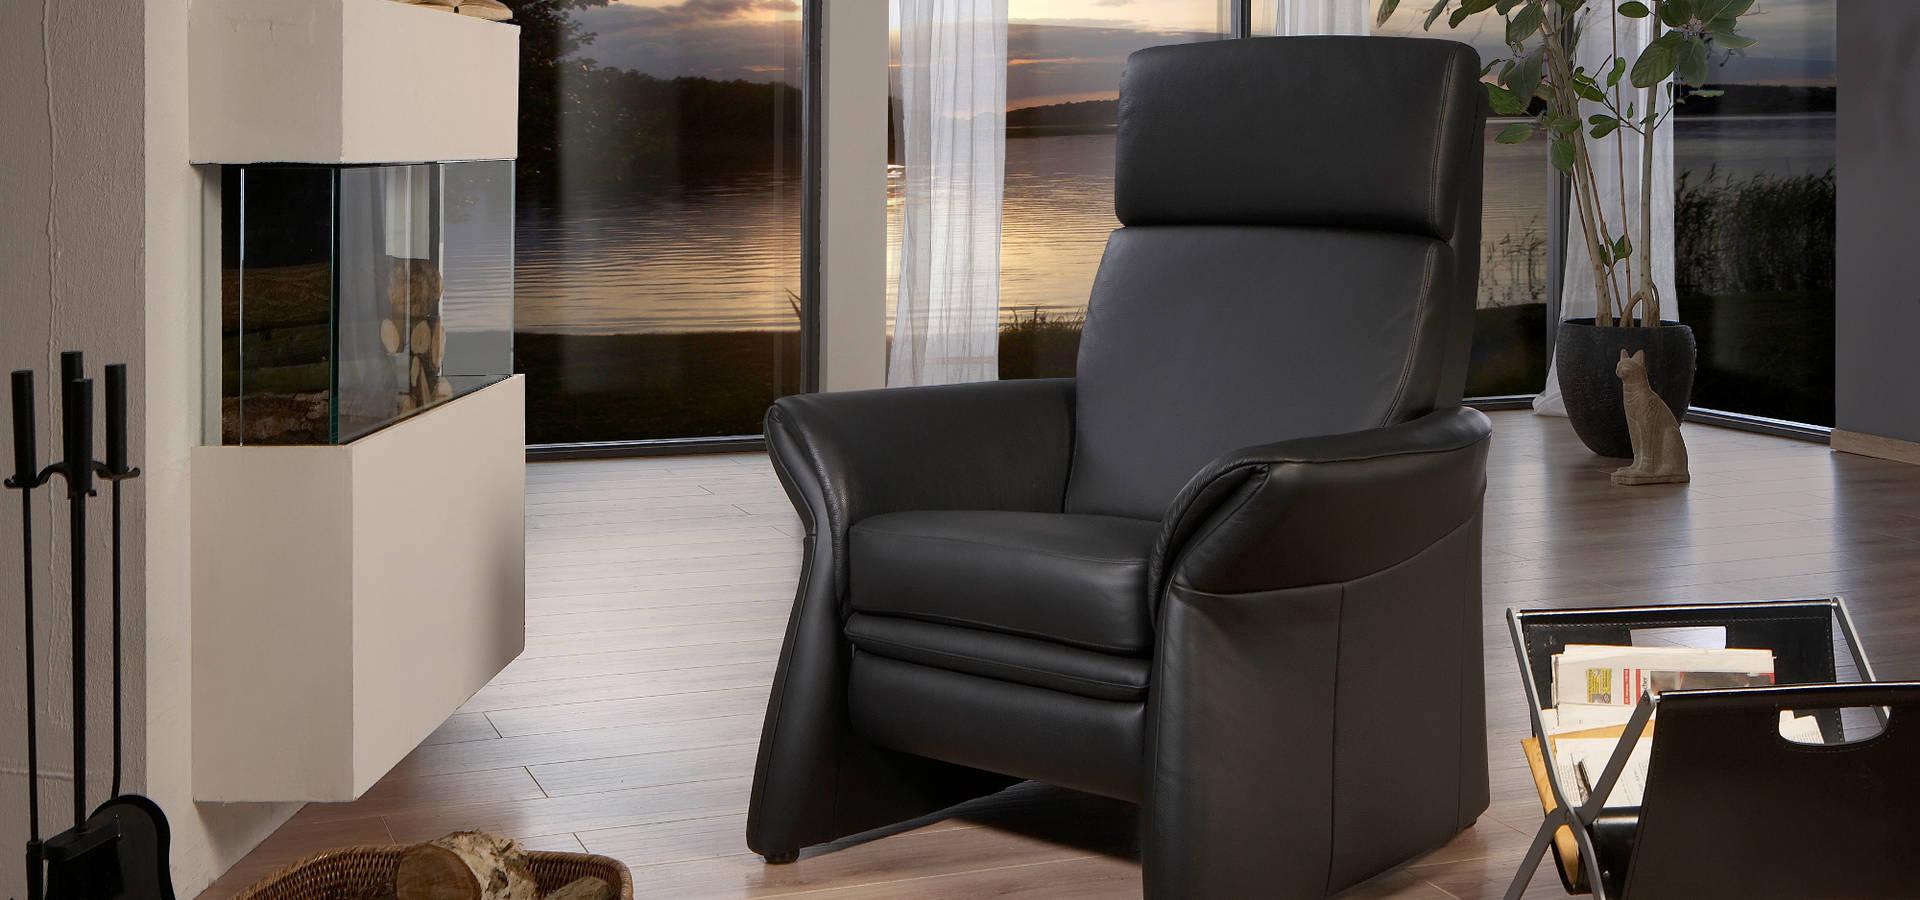 schlafsofa mit matratze von sessel por sawazki und neufeld gbr homify. Black Bedroom Furniture Sets. Home Design Ideas